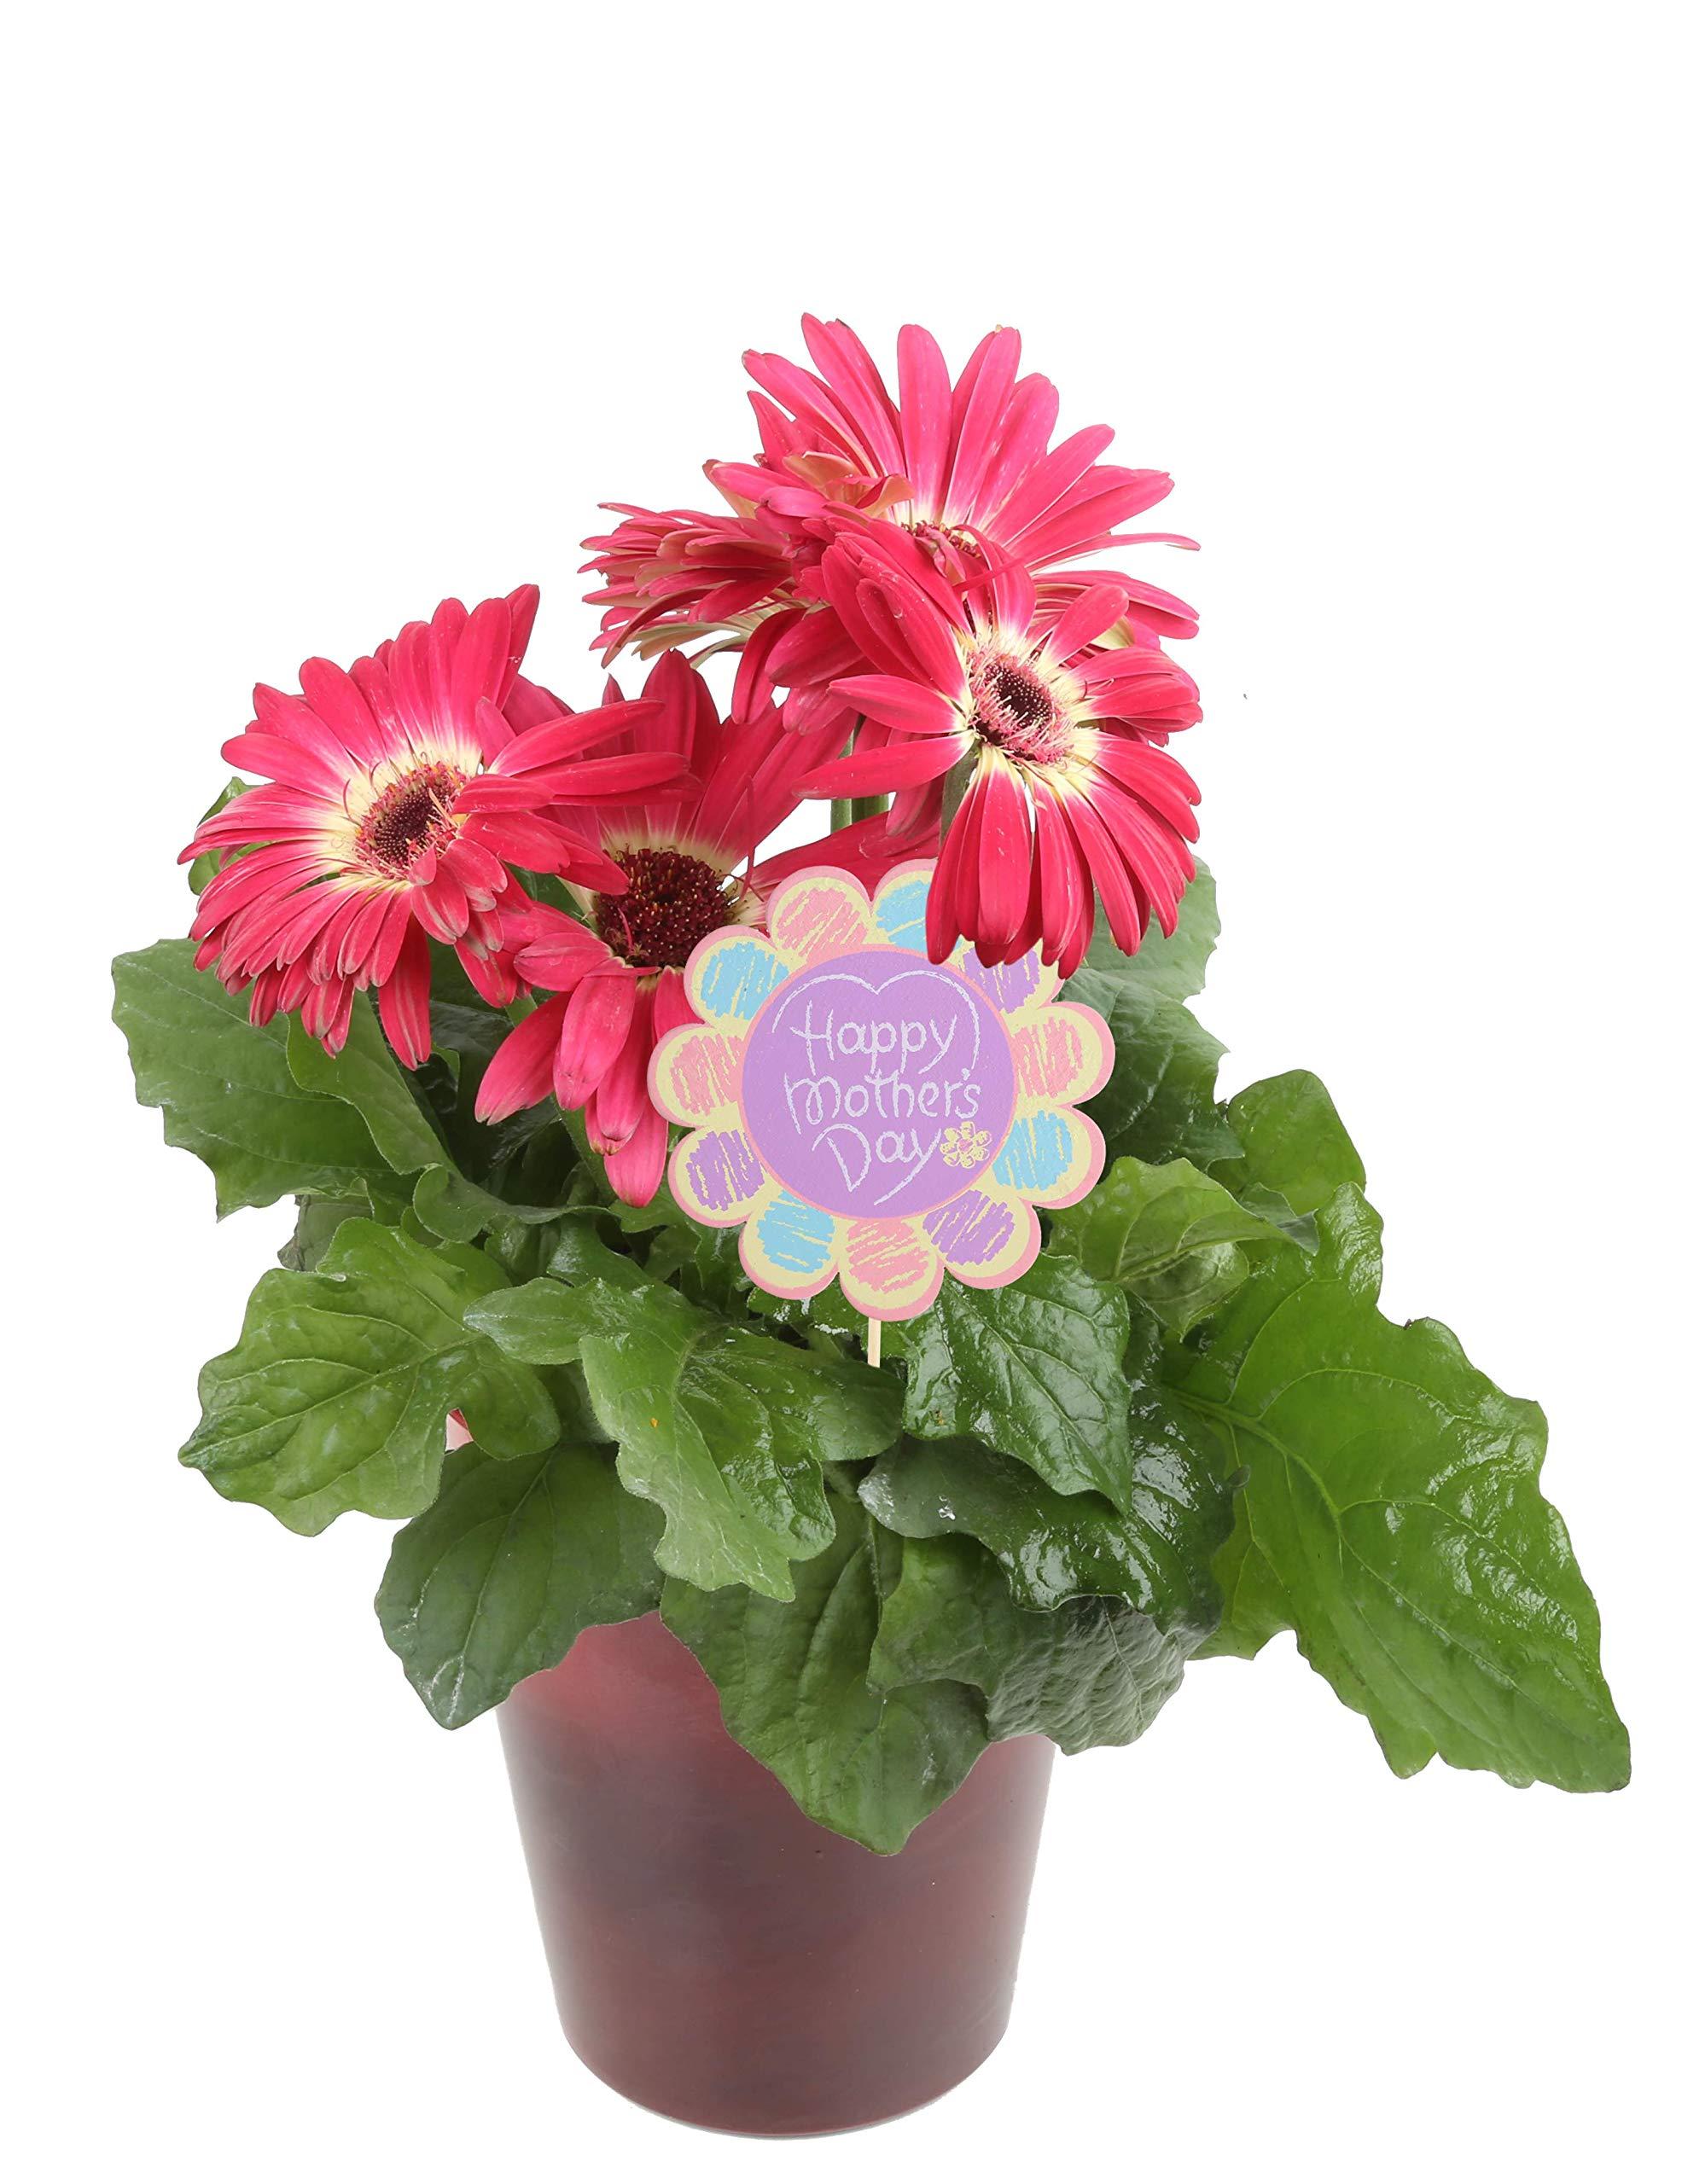 Costa Farms Gerbera, Transvaal Daisy Live Outdoor Plant 1 QT Décor Pot, Excellent Gift, Pink